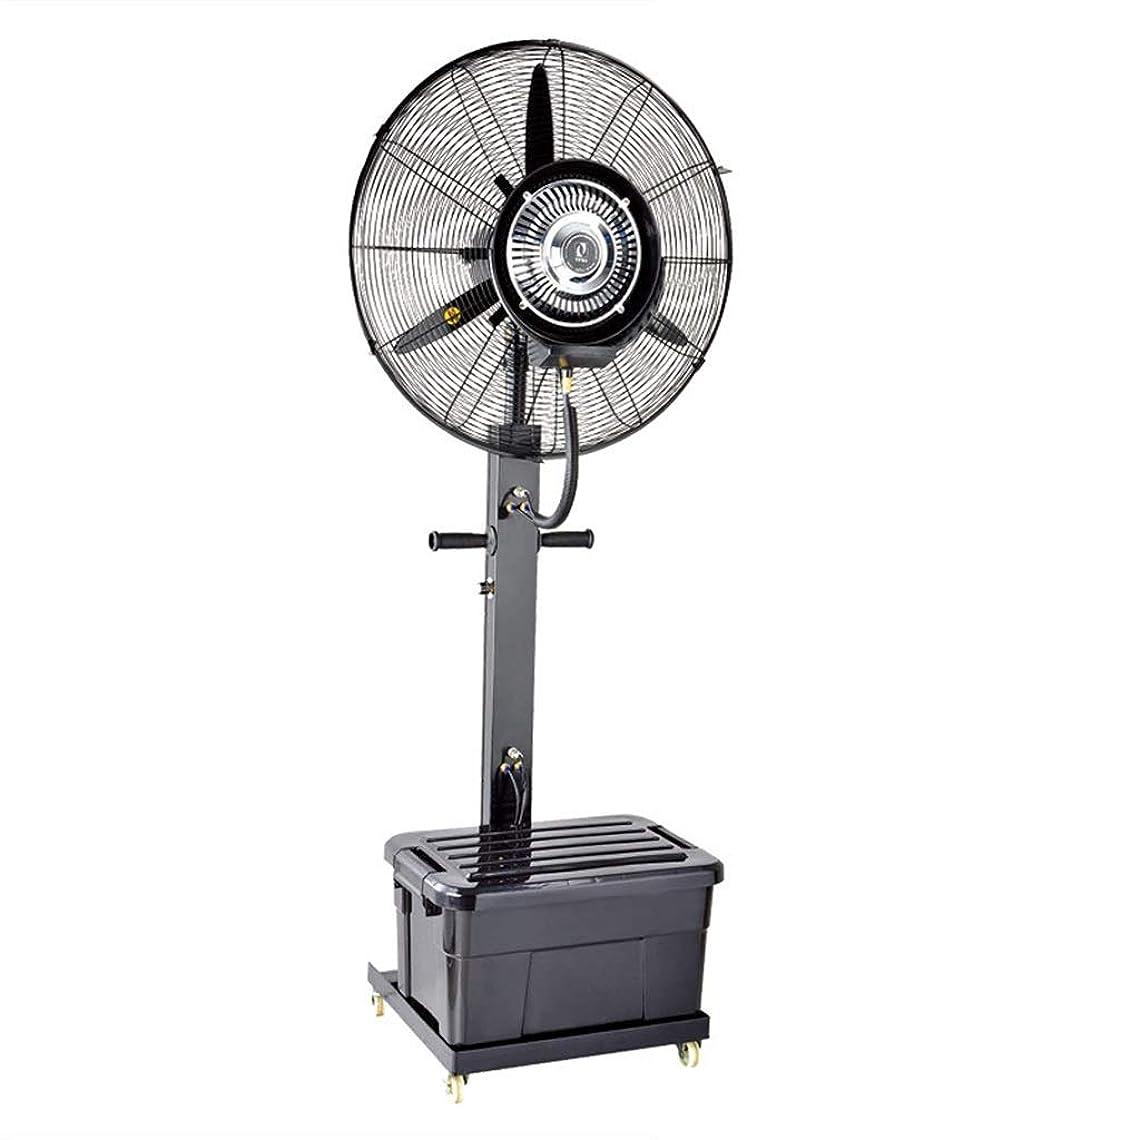 気体の入札中性サイレント 金属 台座スタンドファン 扇風機 振動する エアサーキュレータ 工業用ミスト 3風モード 組み立てが簡単で簡単